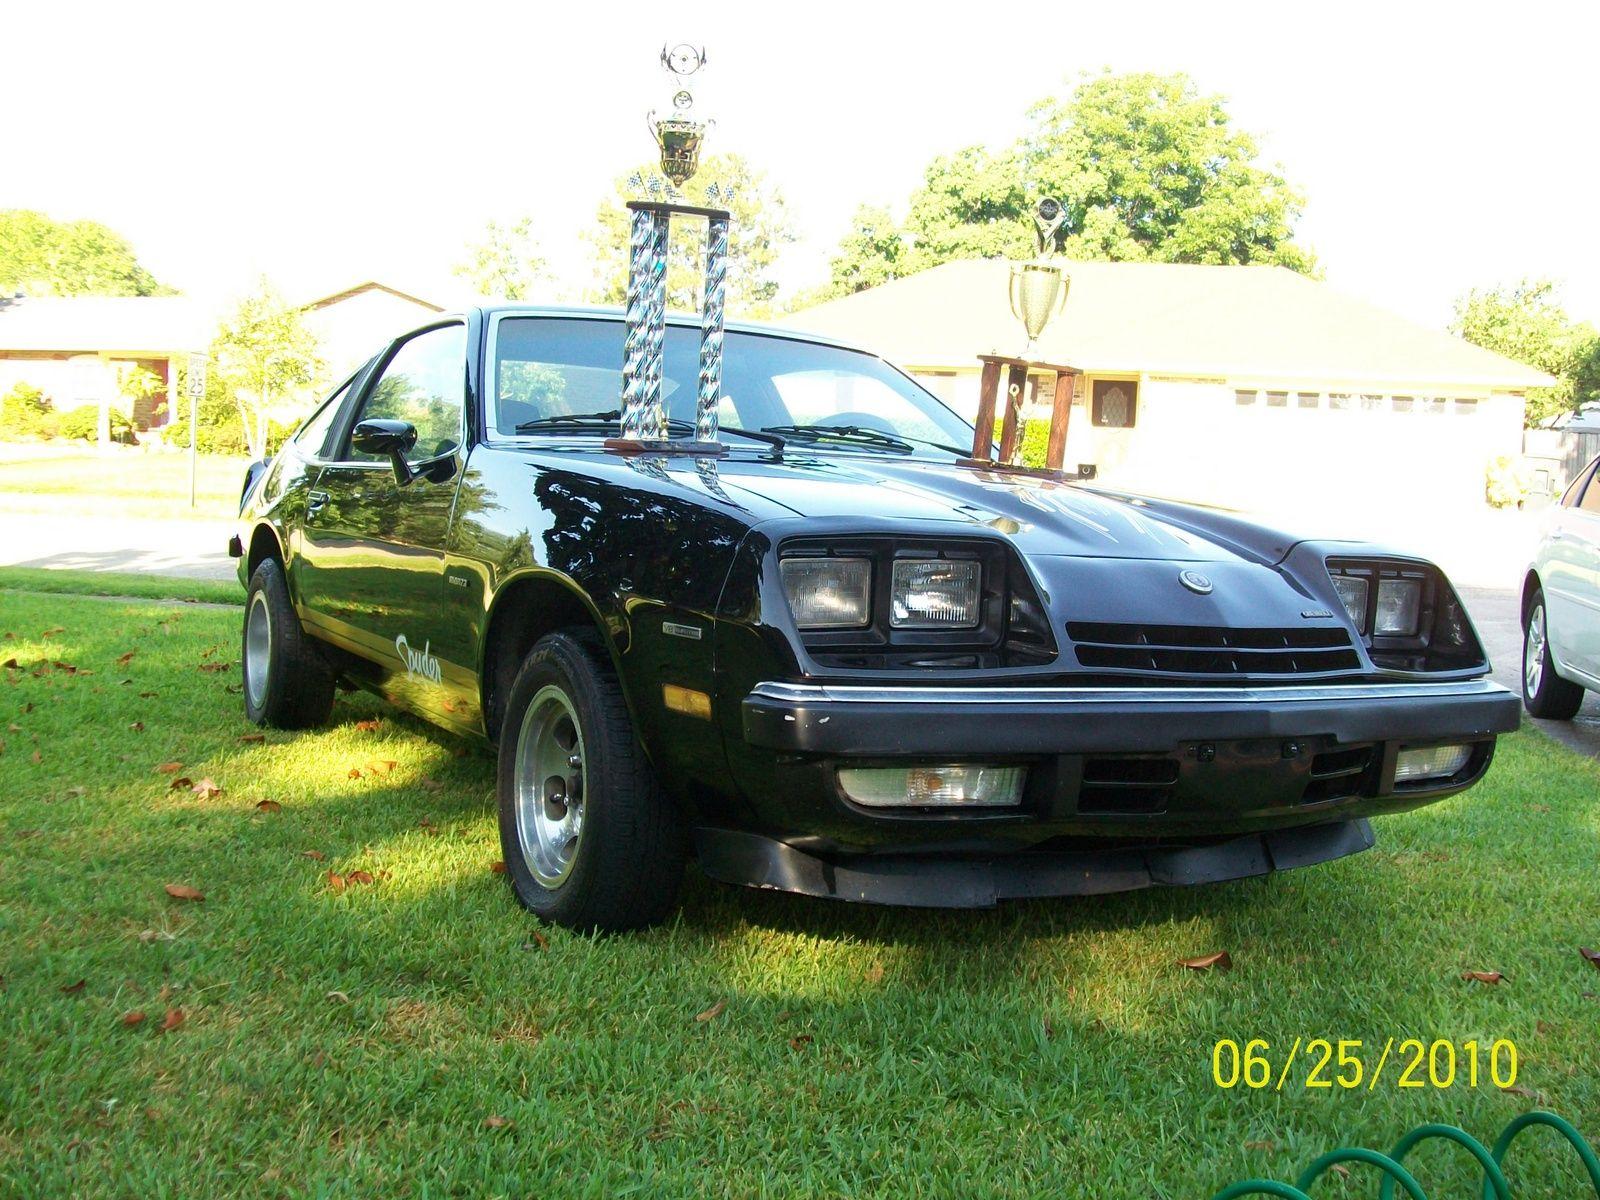 Chevy Monza Brings Back Memories Chevrolet Monza Chevy Chevy Van